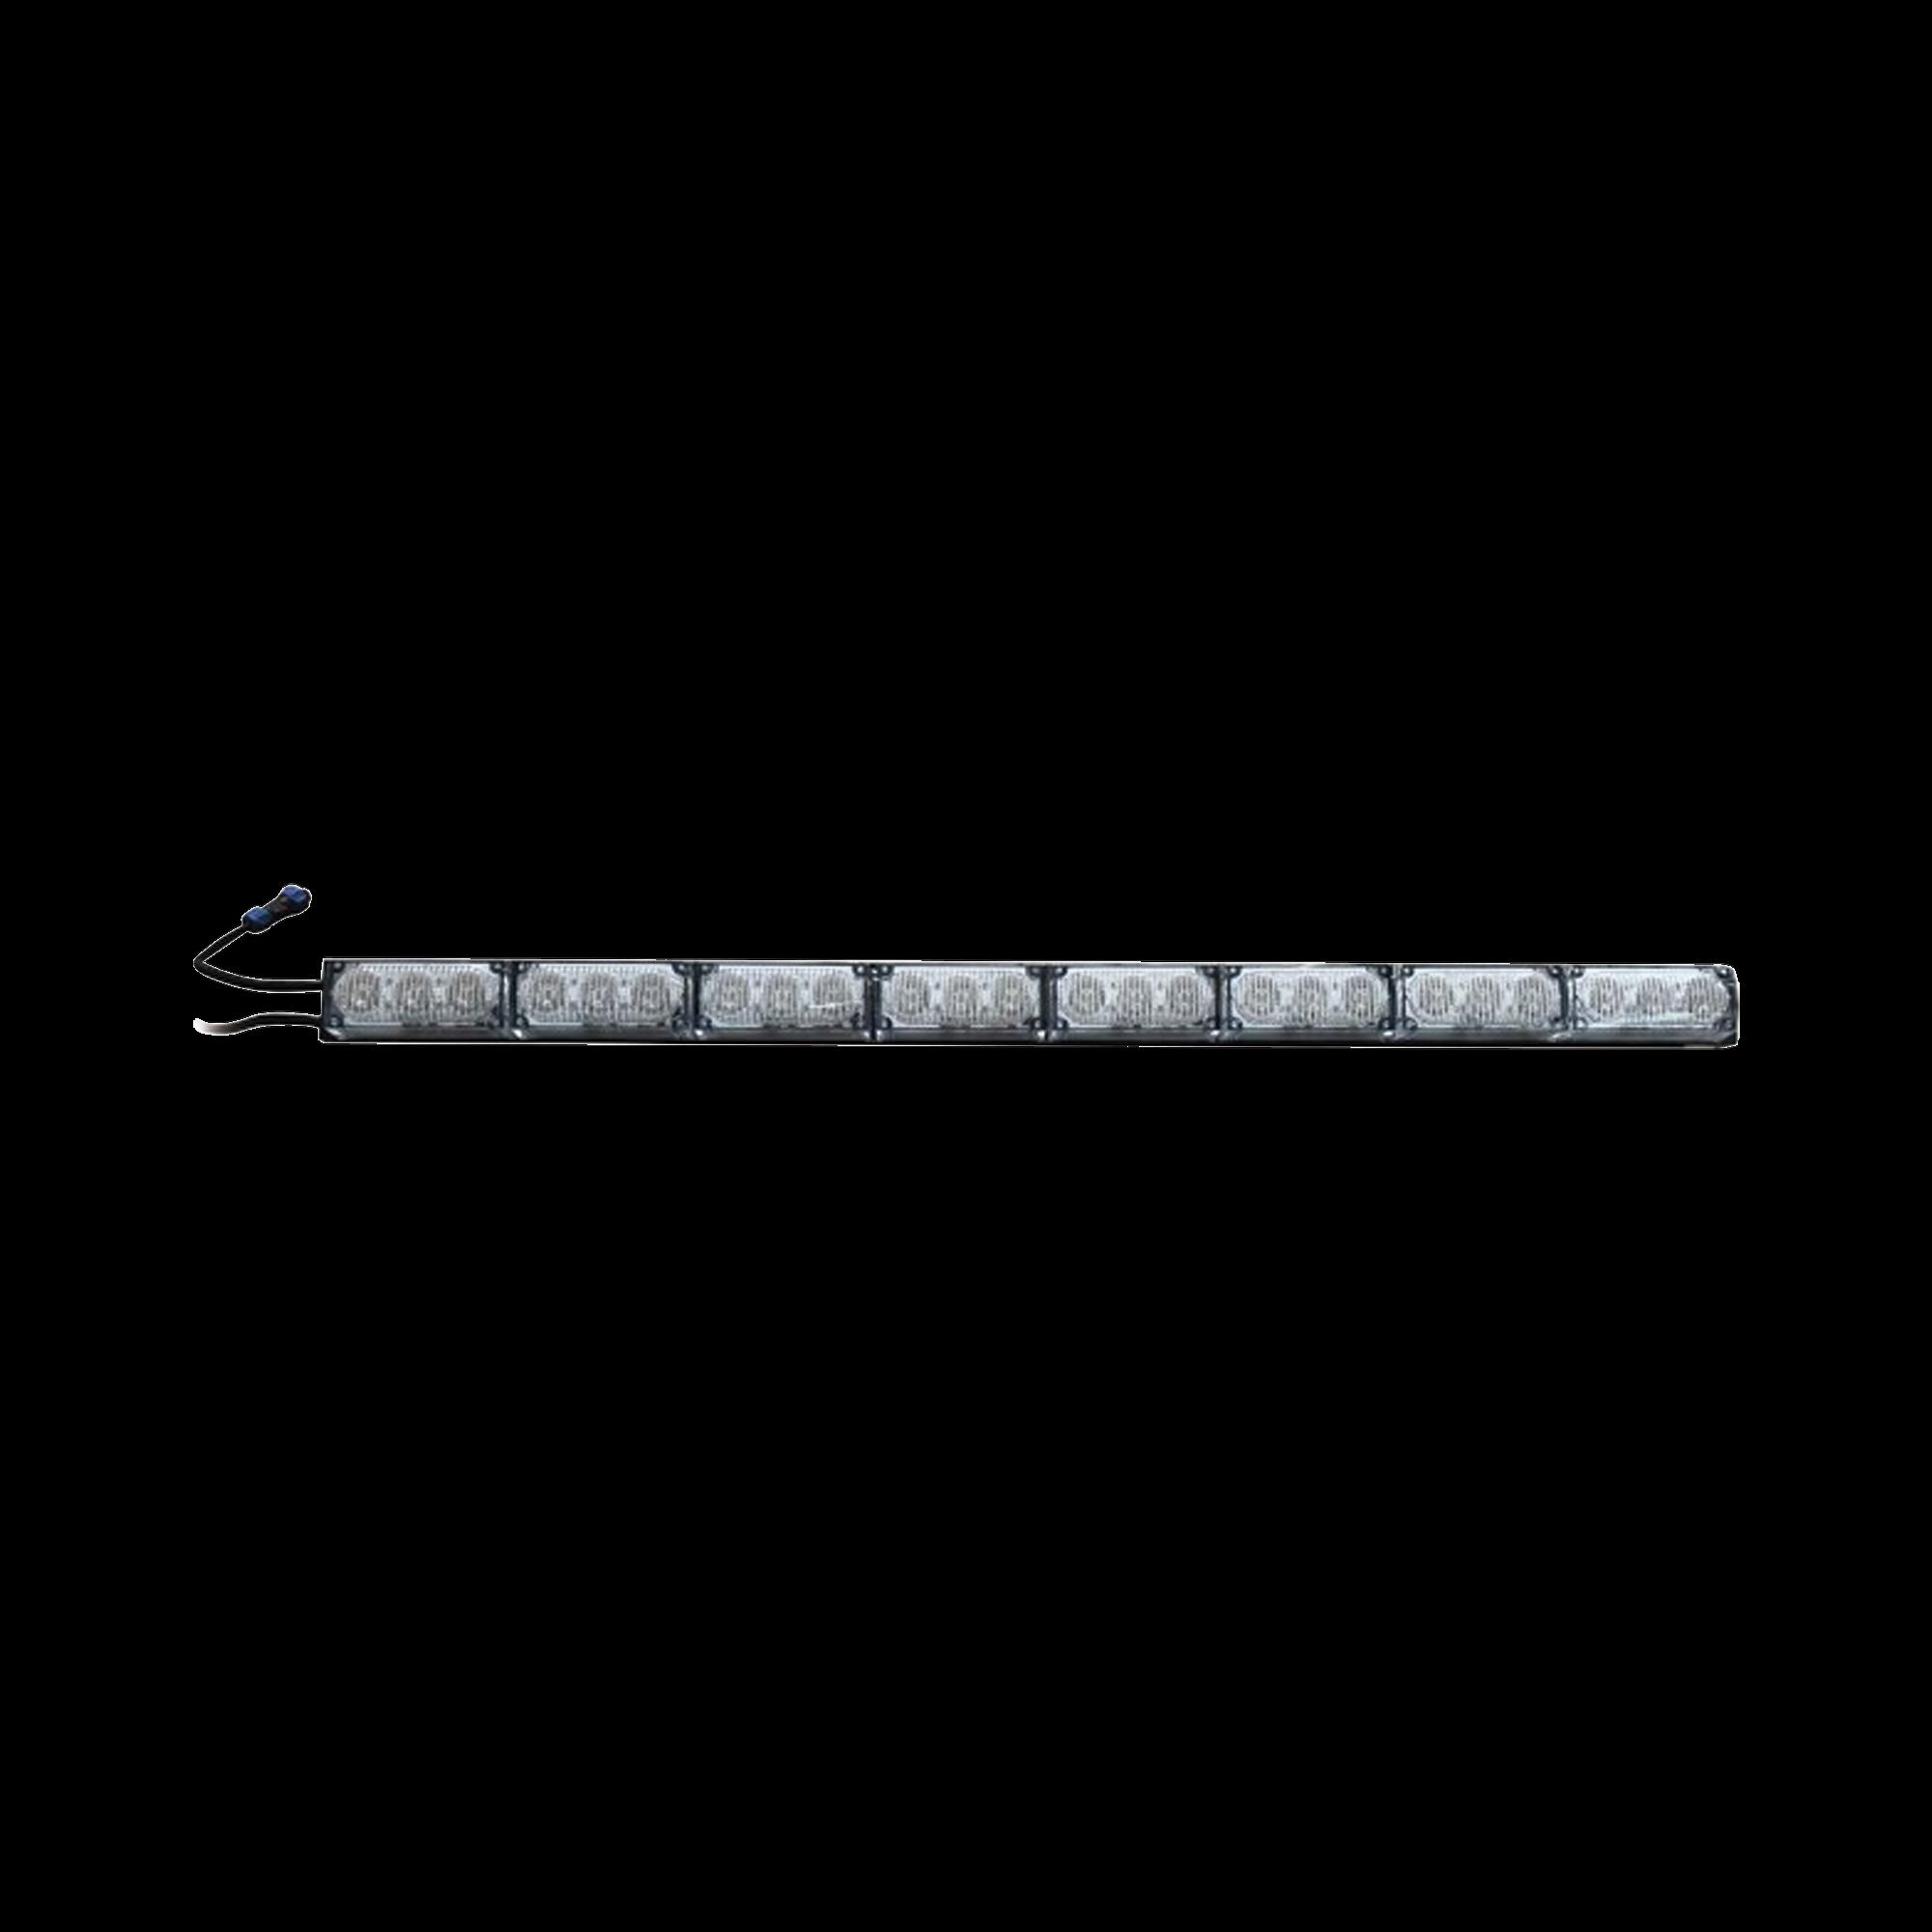 Barra de luz de advertencia de 8 modulos claros